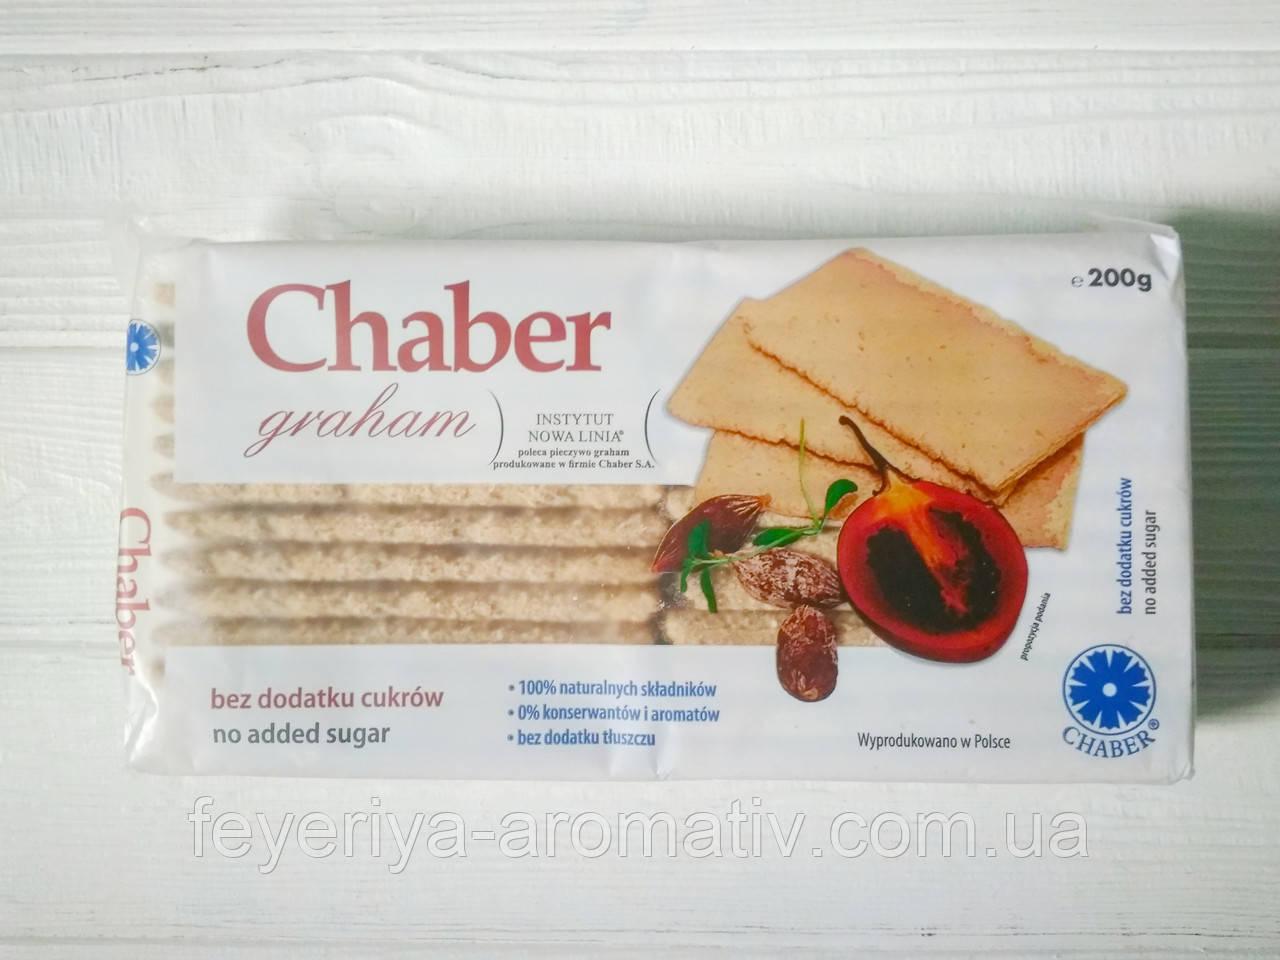 Хлебцы цельнозерновые Chaber graham 200гр (Польша)